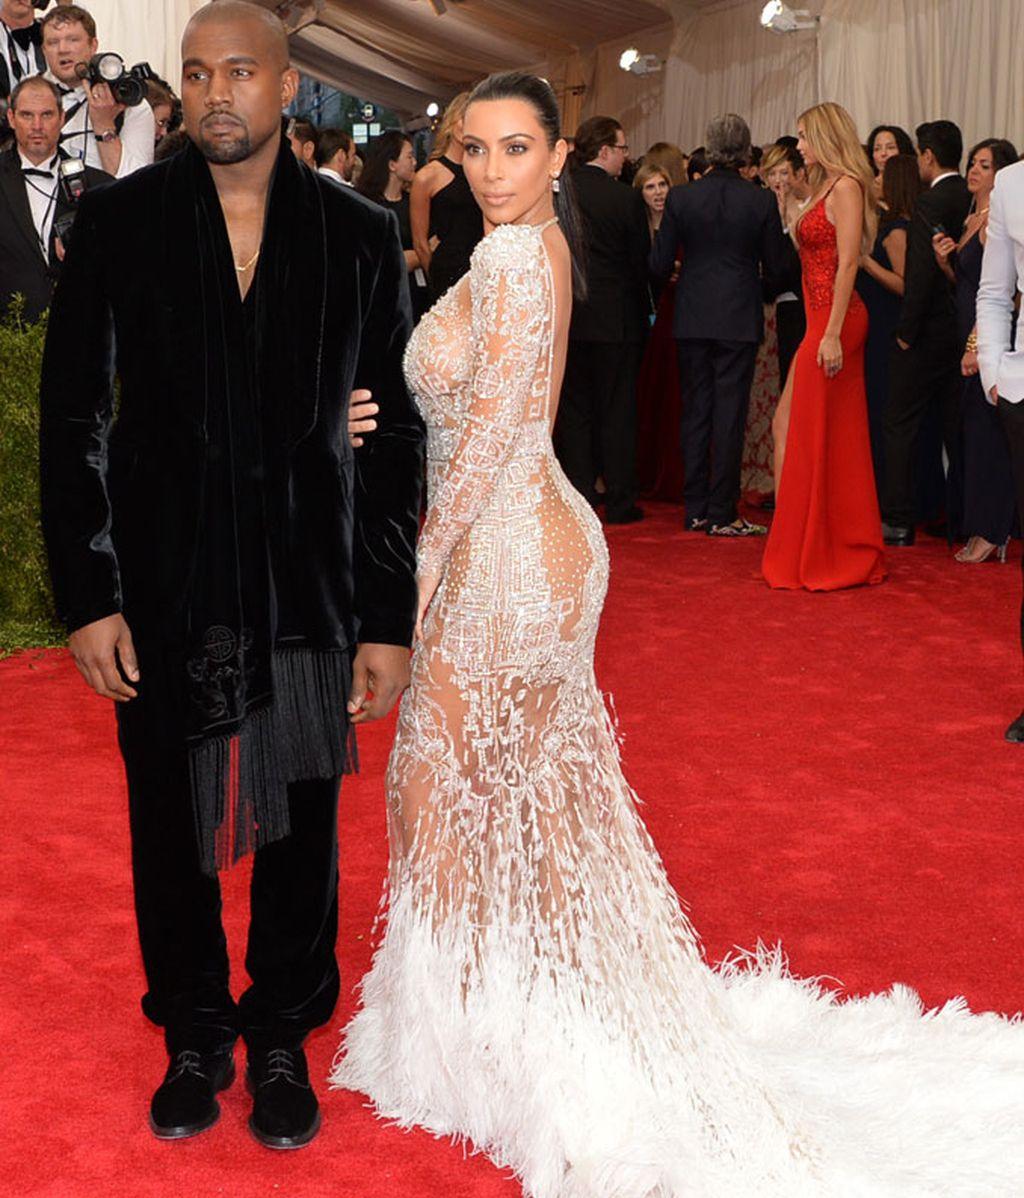 Kim Kardashian de Roberto Cavalli junyo a su marido Kanye West